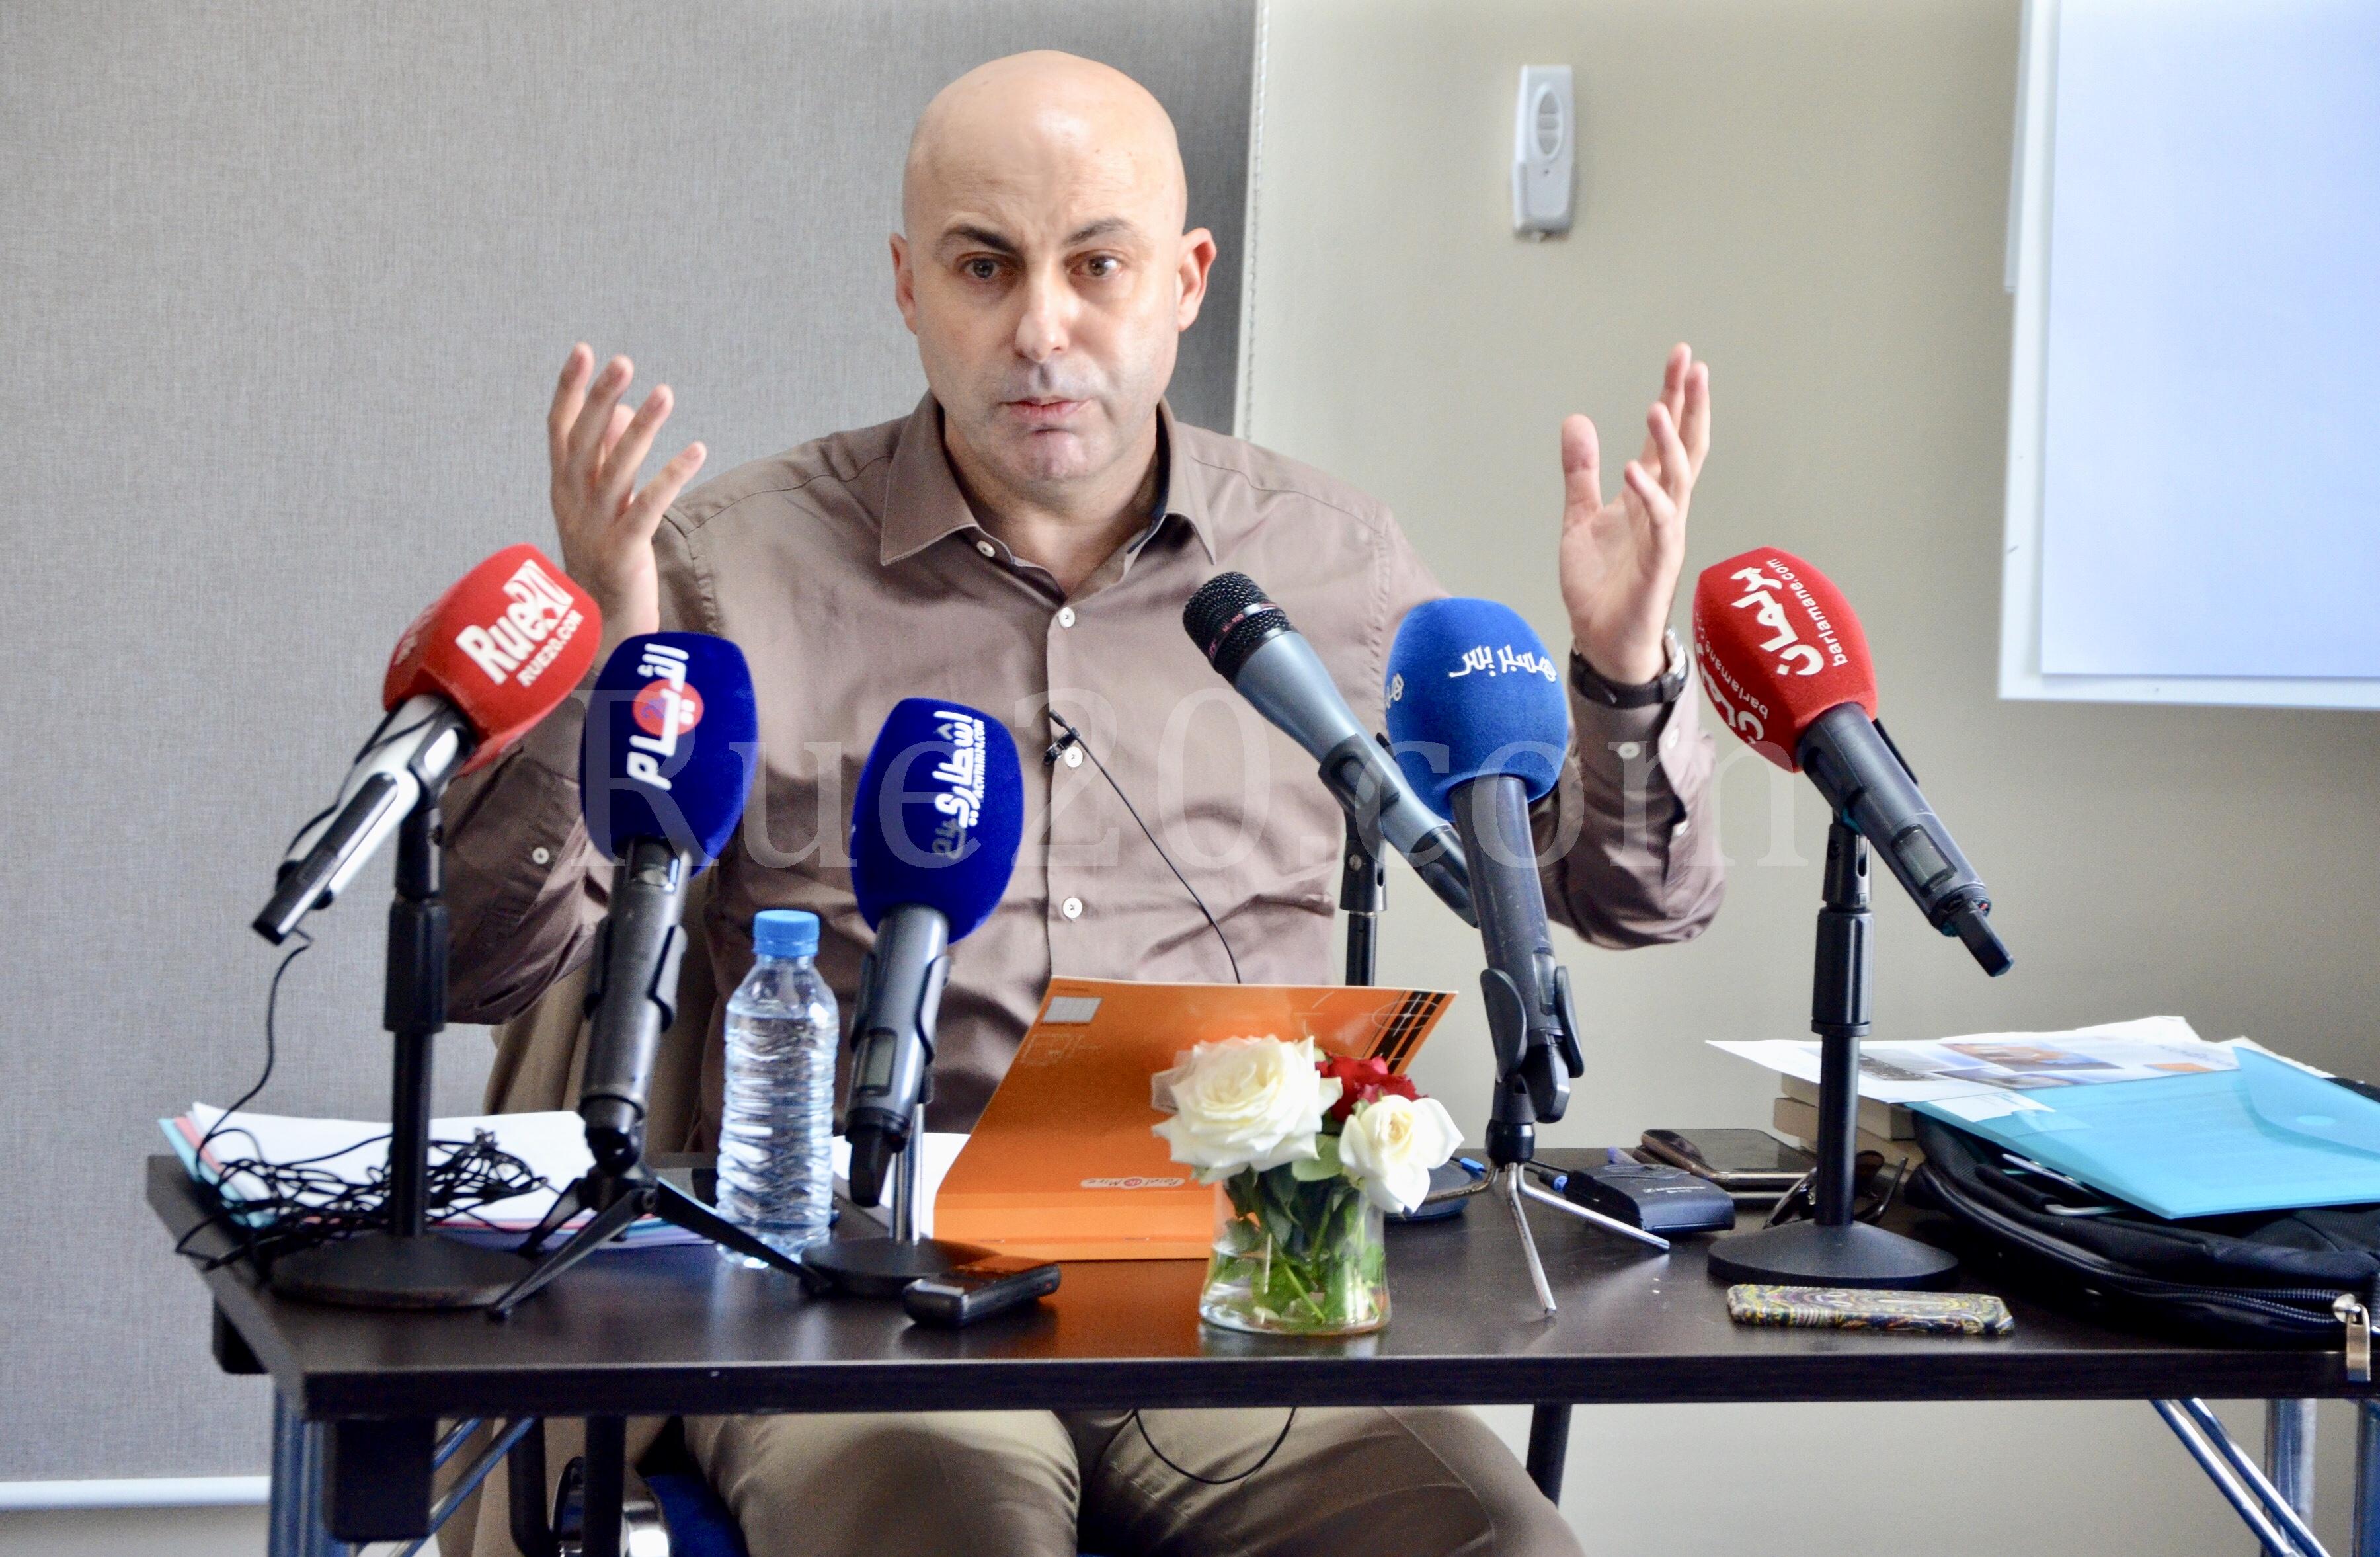 اليمين المتطرف الإسباني يشرعُ في توجيه الإعلام ضد المغرب ومؤسساته التي تشتغل حول الهجرة والدين الوسطي